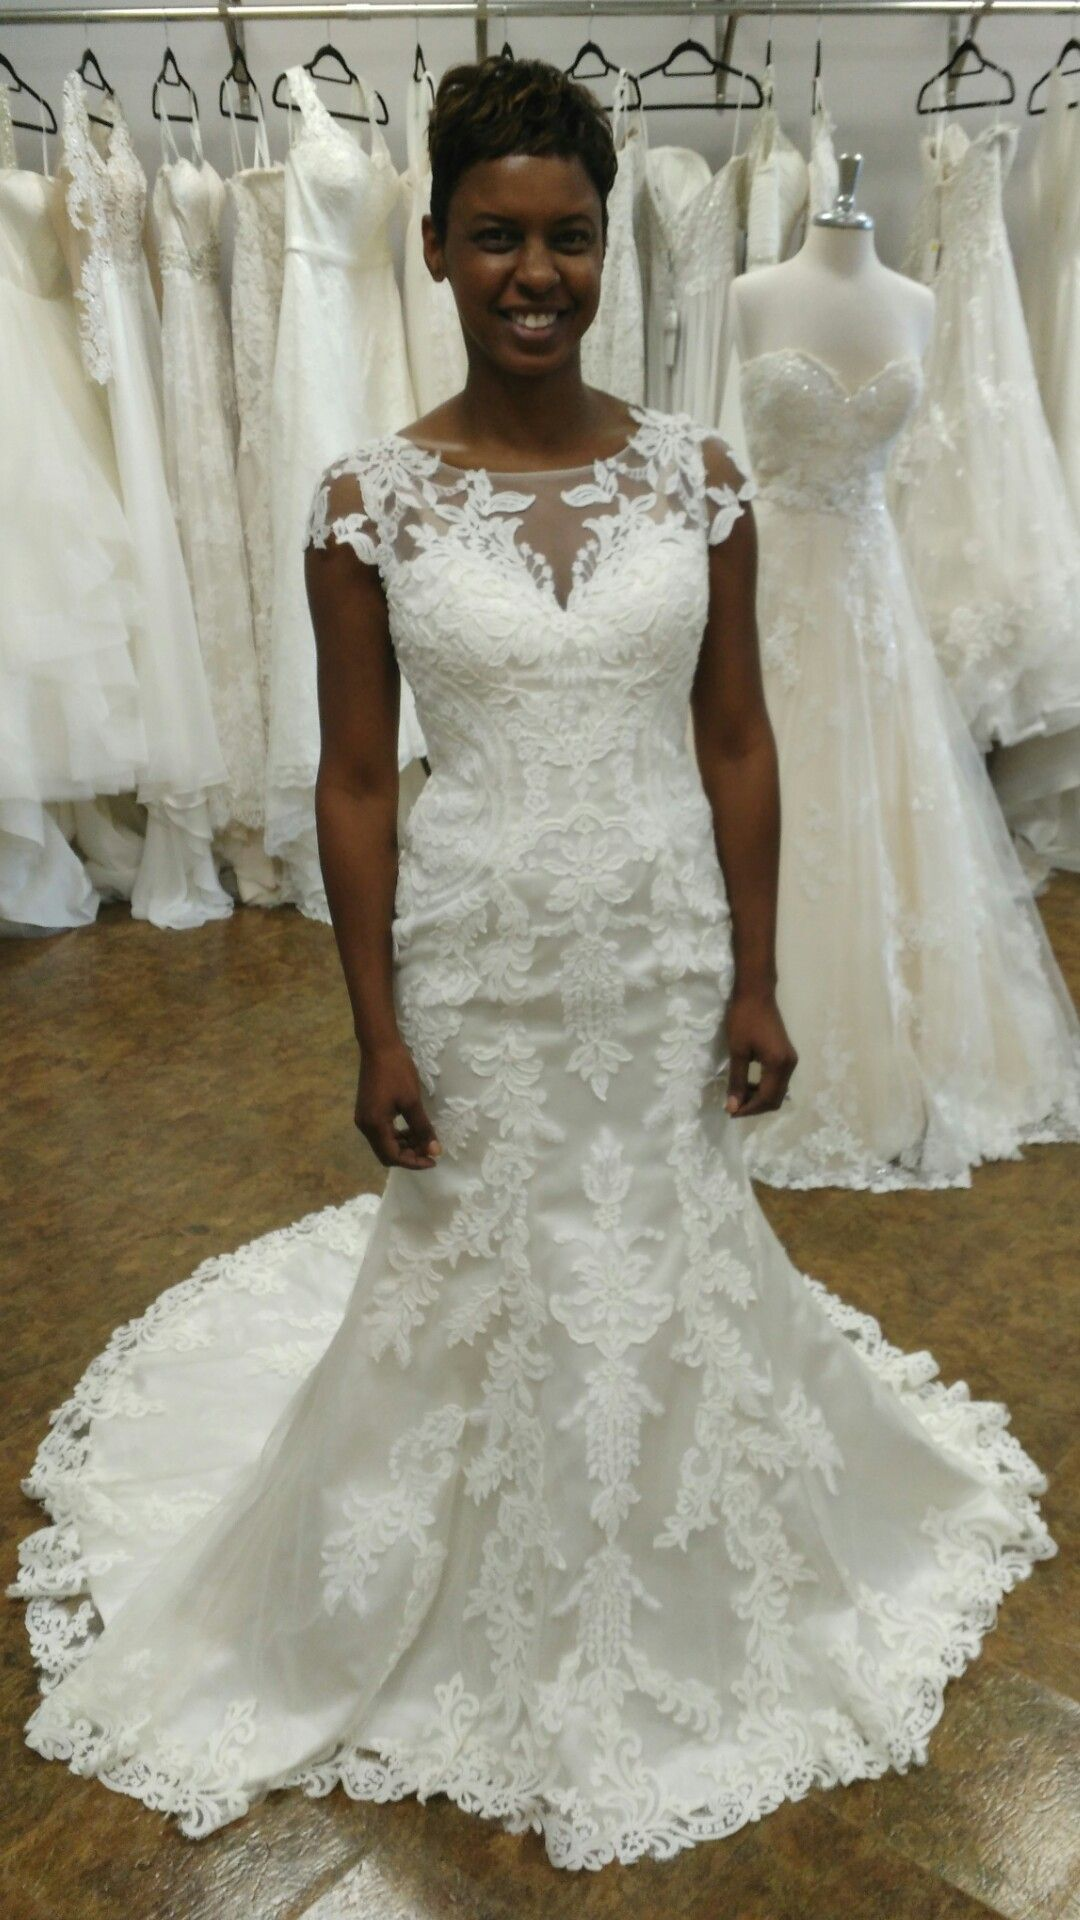 Justin Alexander Bridal Lace Mermaid Dress At Absolute Haven Bridal